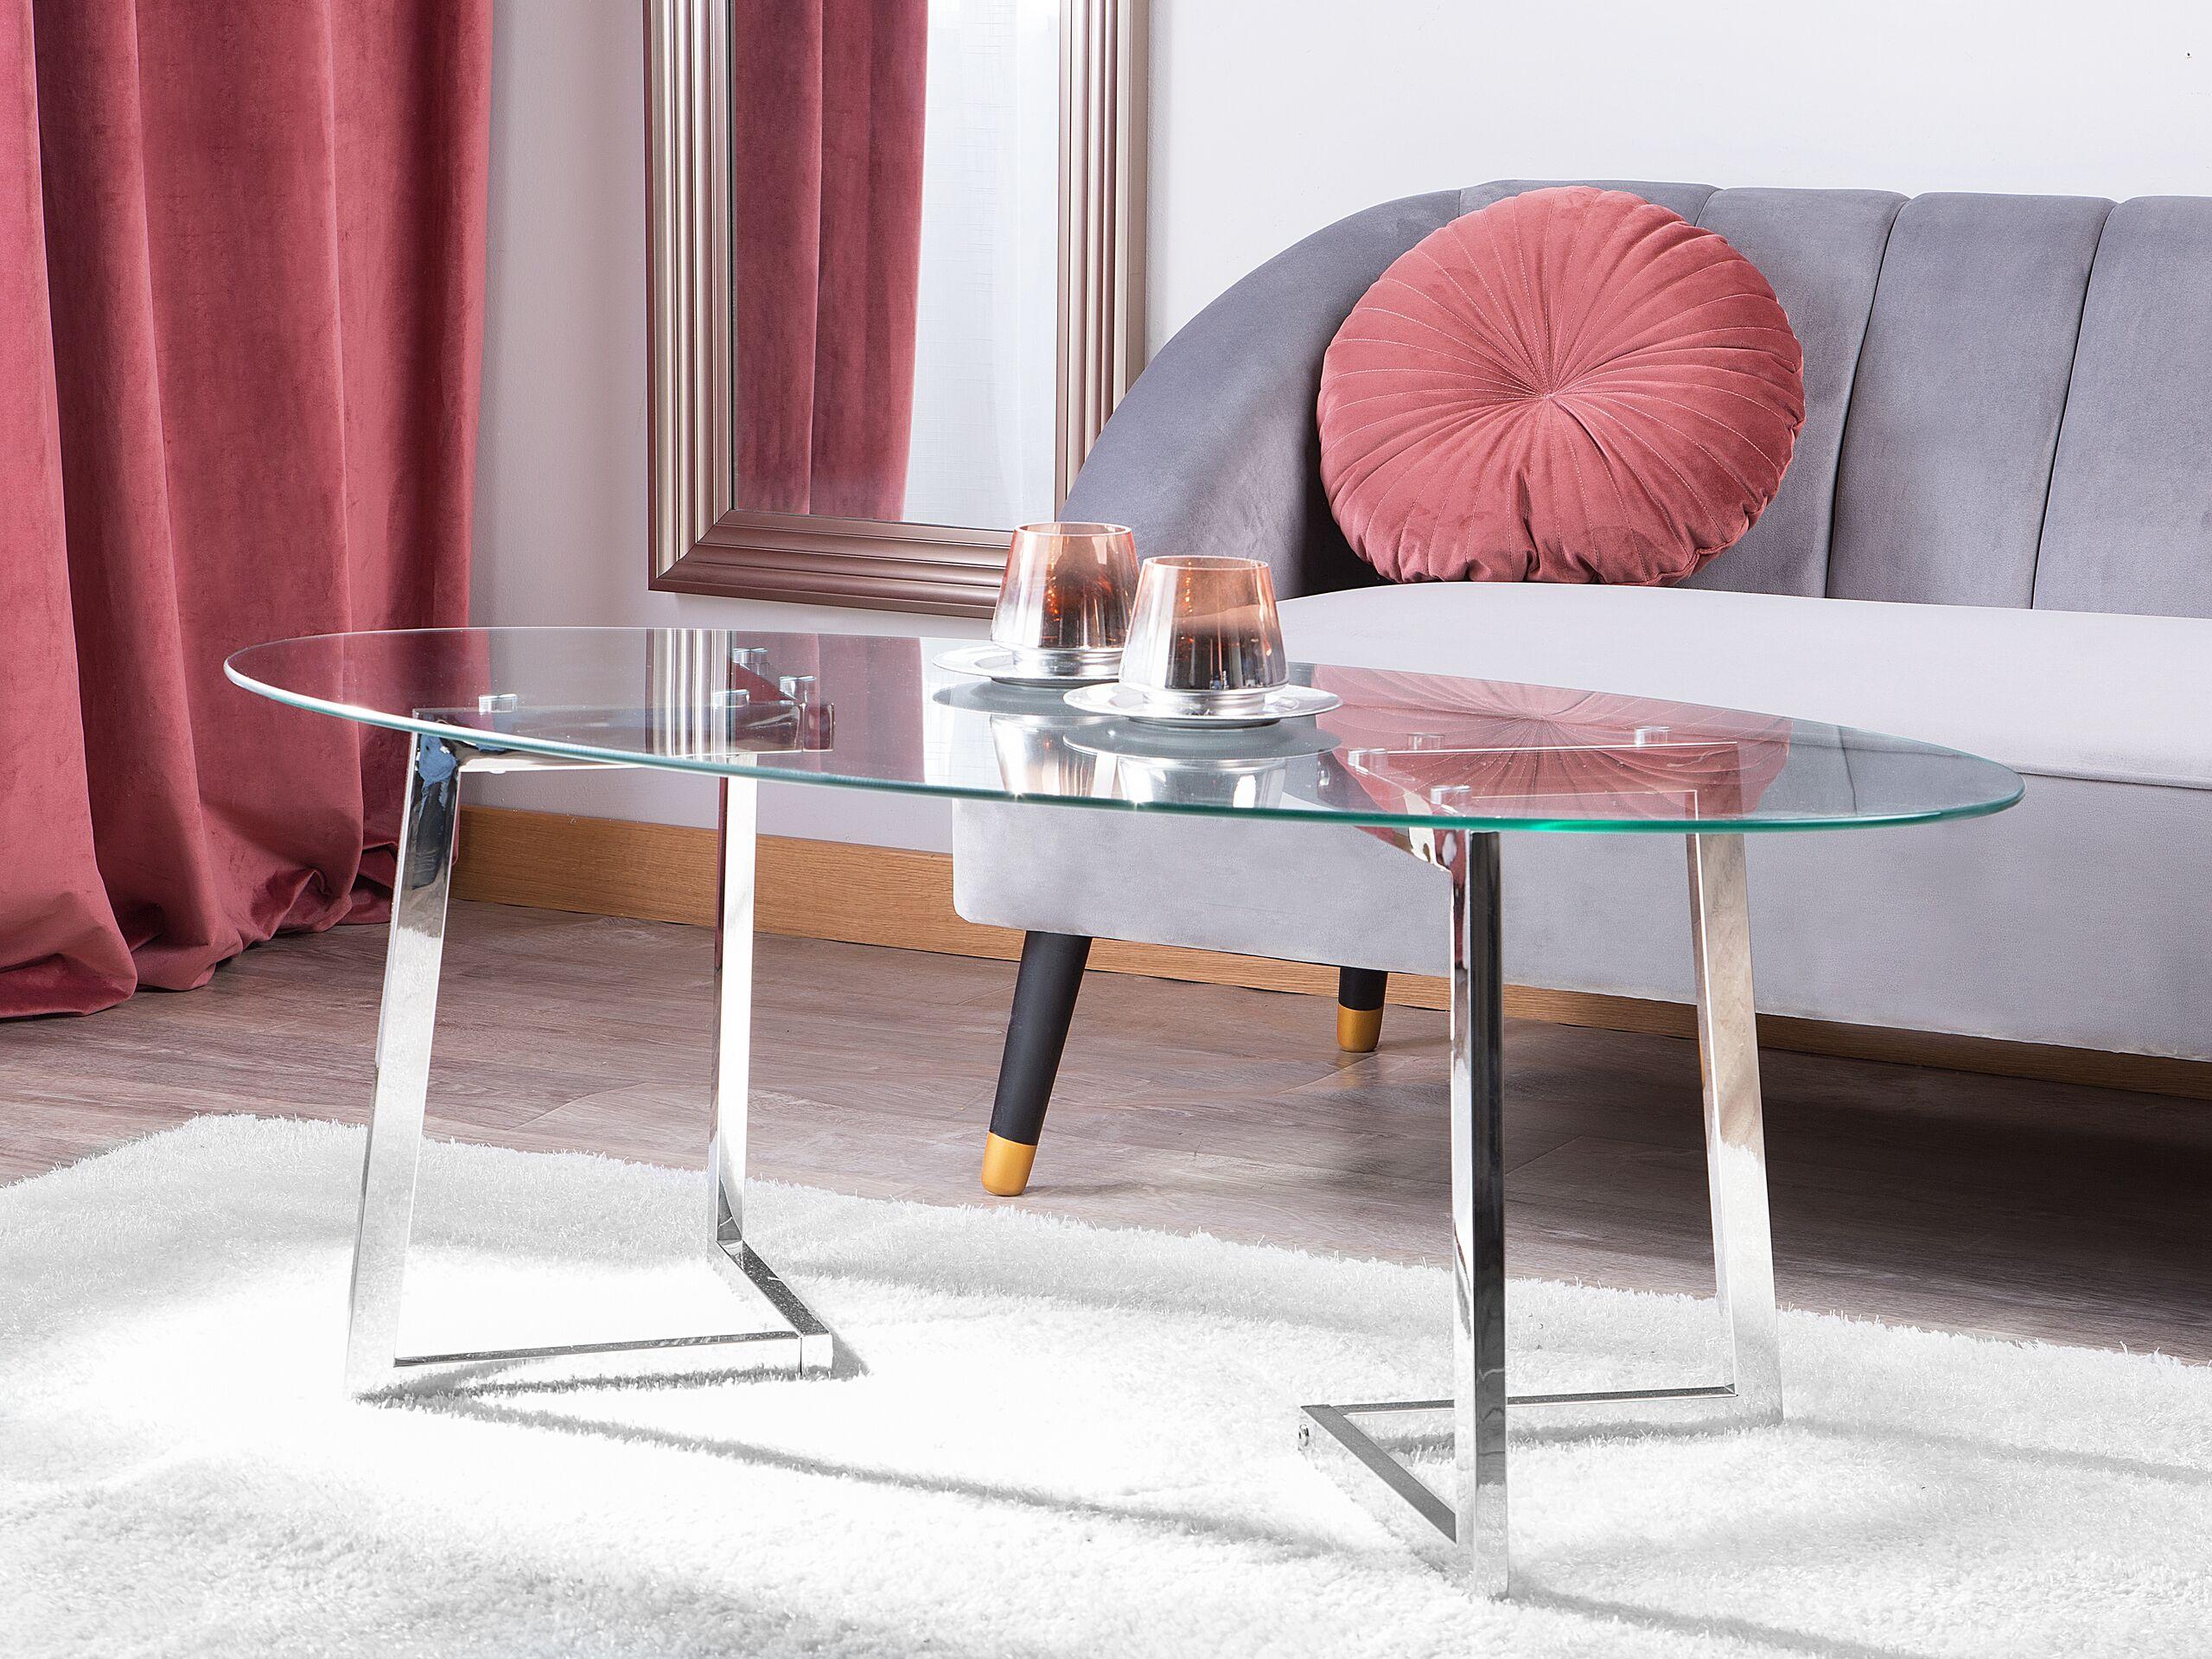 beliani tavolino da salotto in vetro con gambe argentate in metallo 120 x 60 cm